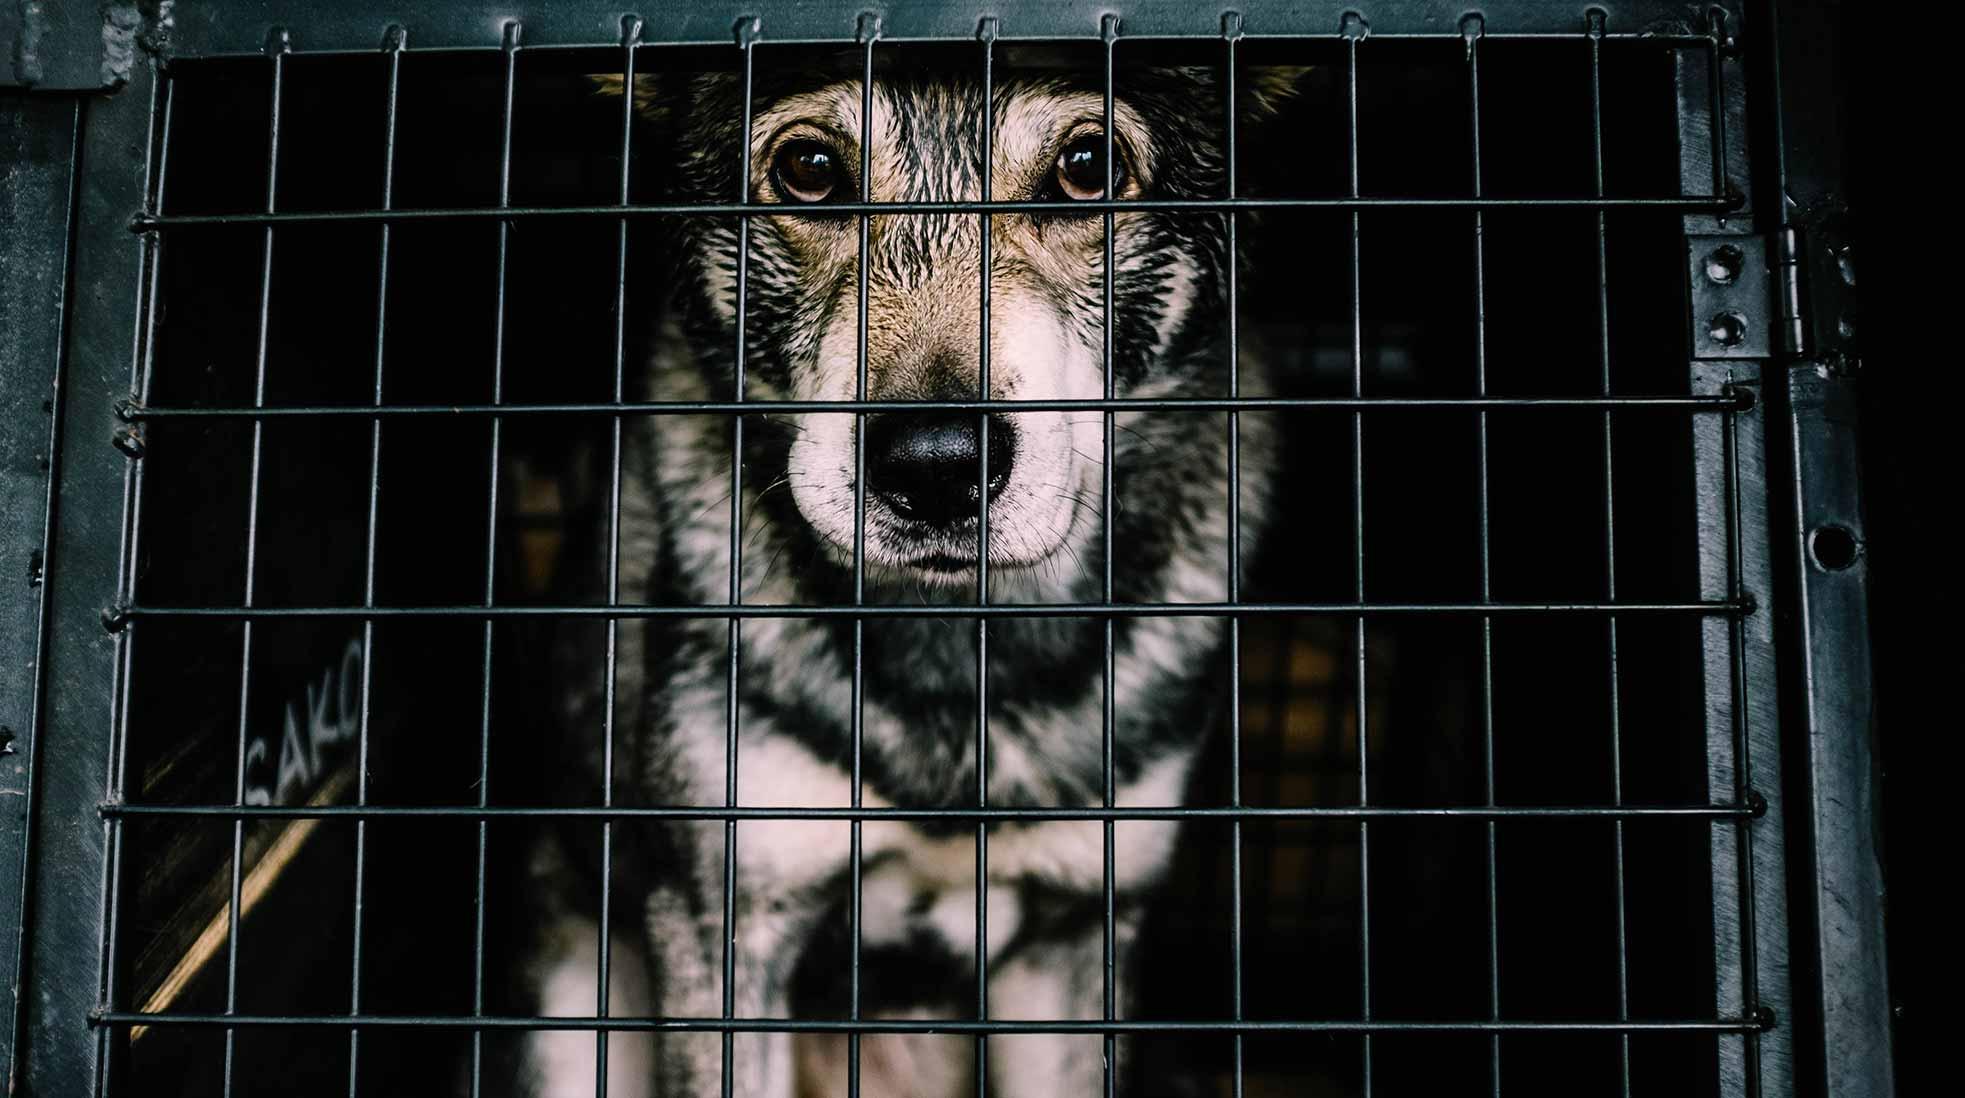 Du kan behöva sätta din hund i en bur när du tar med dem på flyget. Foto: Fredrik Öhlander / Unsplash